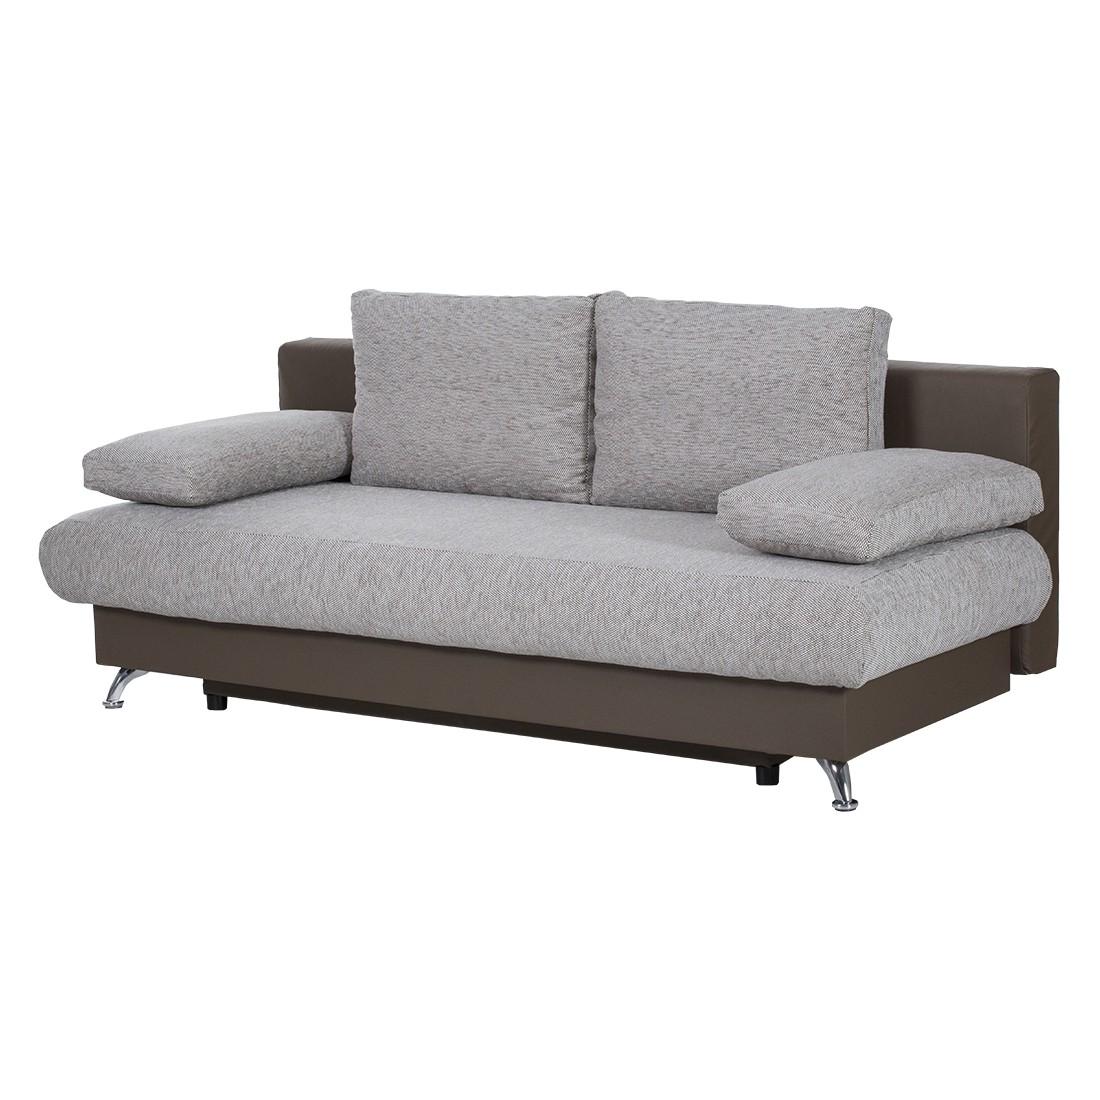 schlafsofa sleepster strukturstoff grau kunstleder taupe. Black Bedroom Furniture Sets. Home Design Ideas